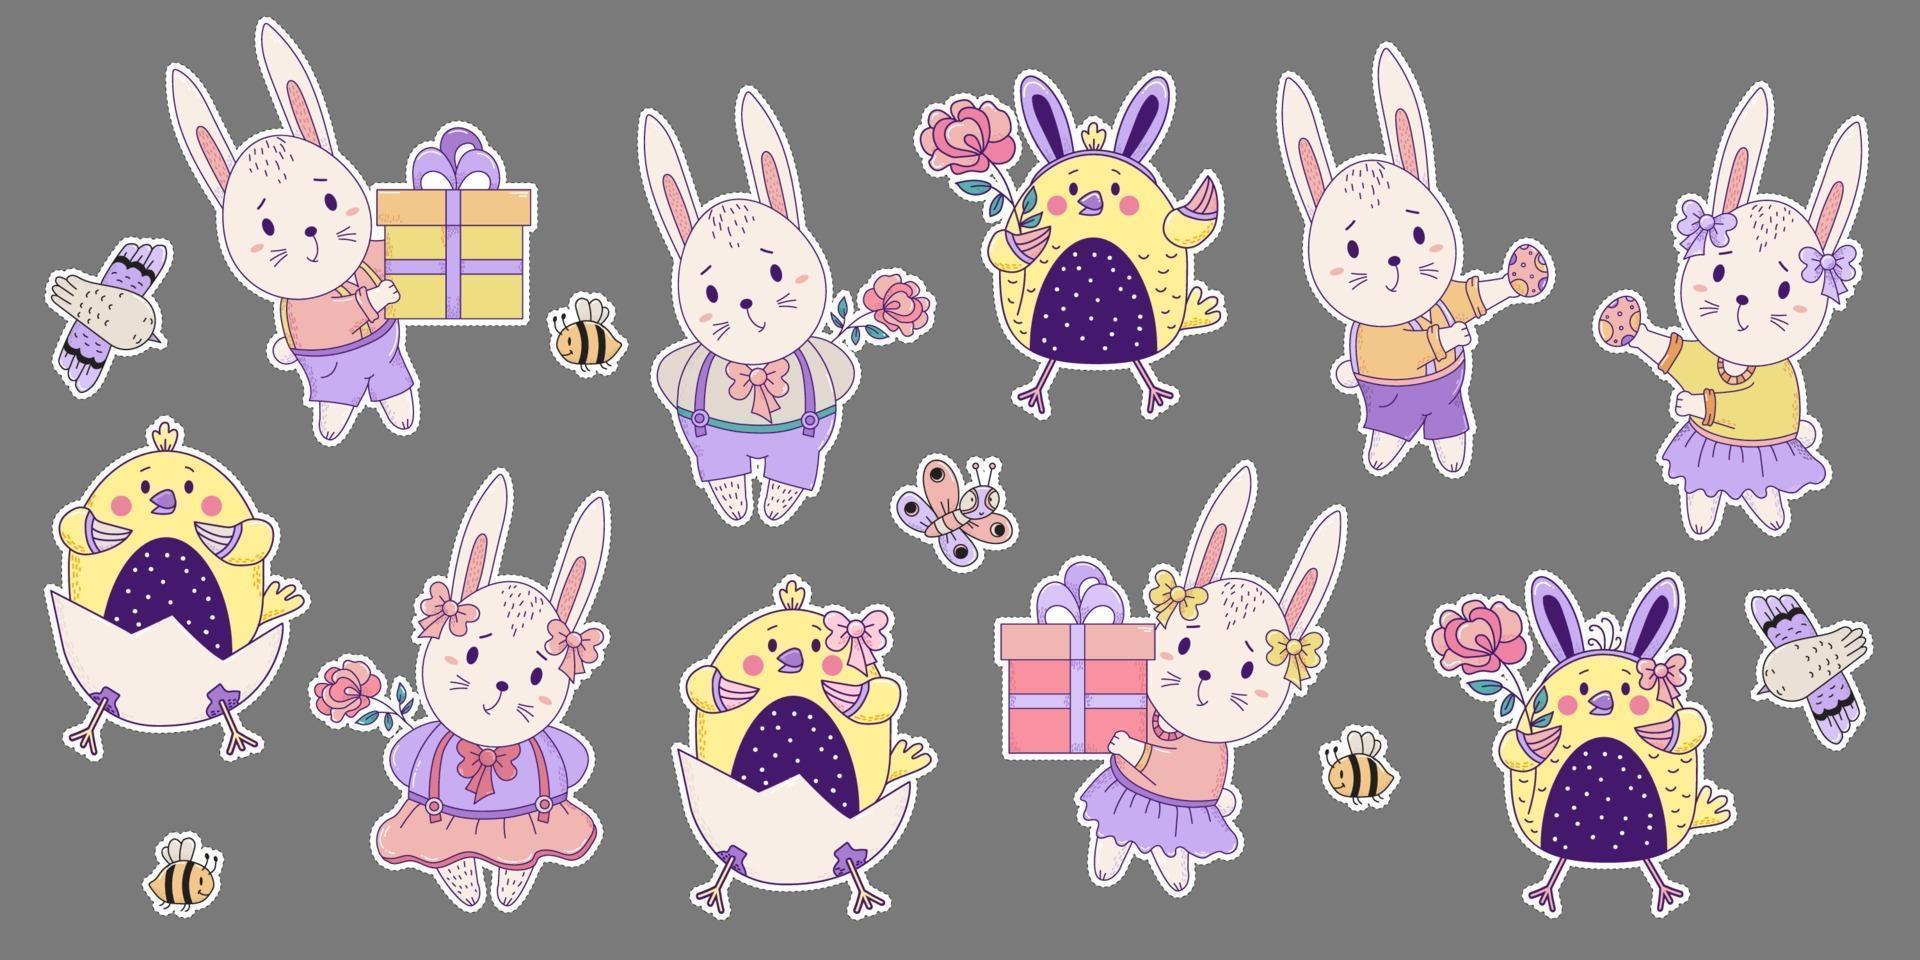 conjunto de adesivos coloridos de insetos e animais fofos. coelhinhos da Páscoa e galinhas - uma menina e um menino com uma grande caixa de presente e uma flor, pássaro, abelhas e borboleta. vetor. para o design feliz páscoa vetor